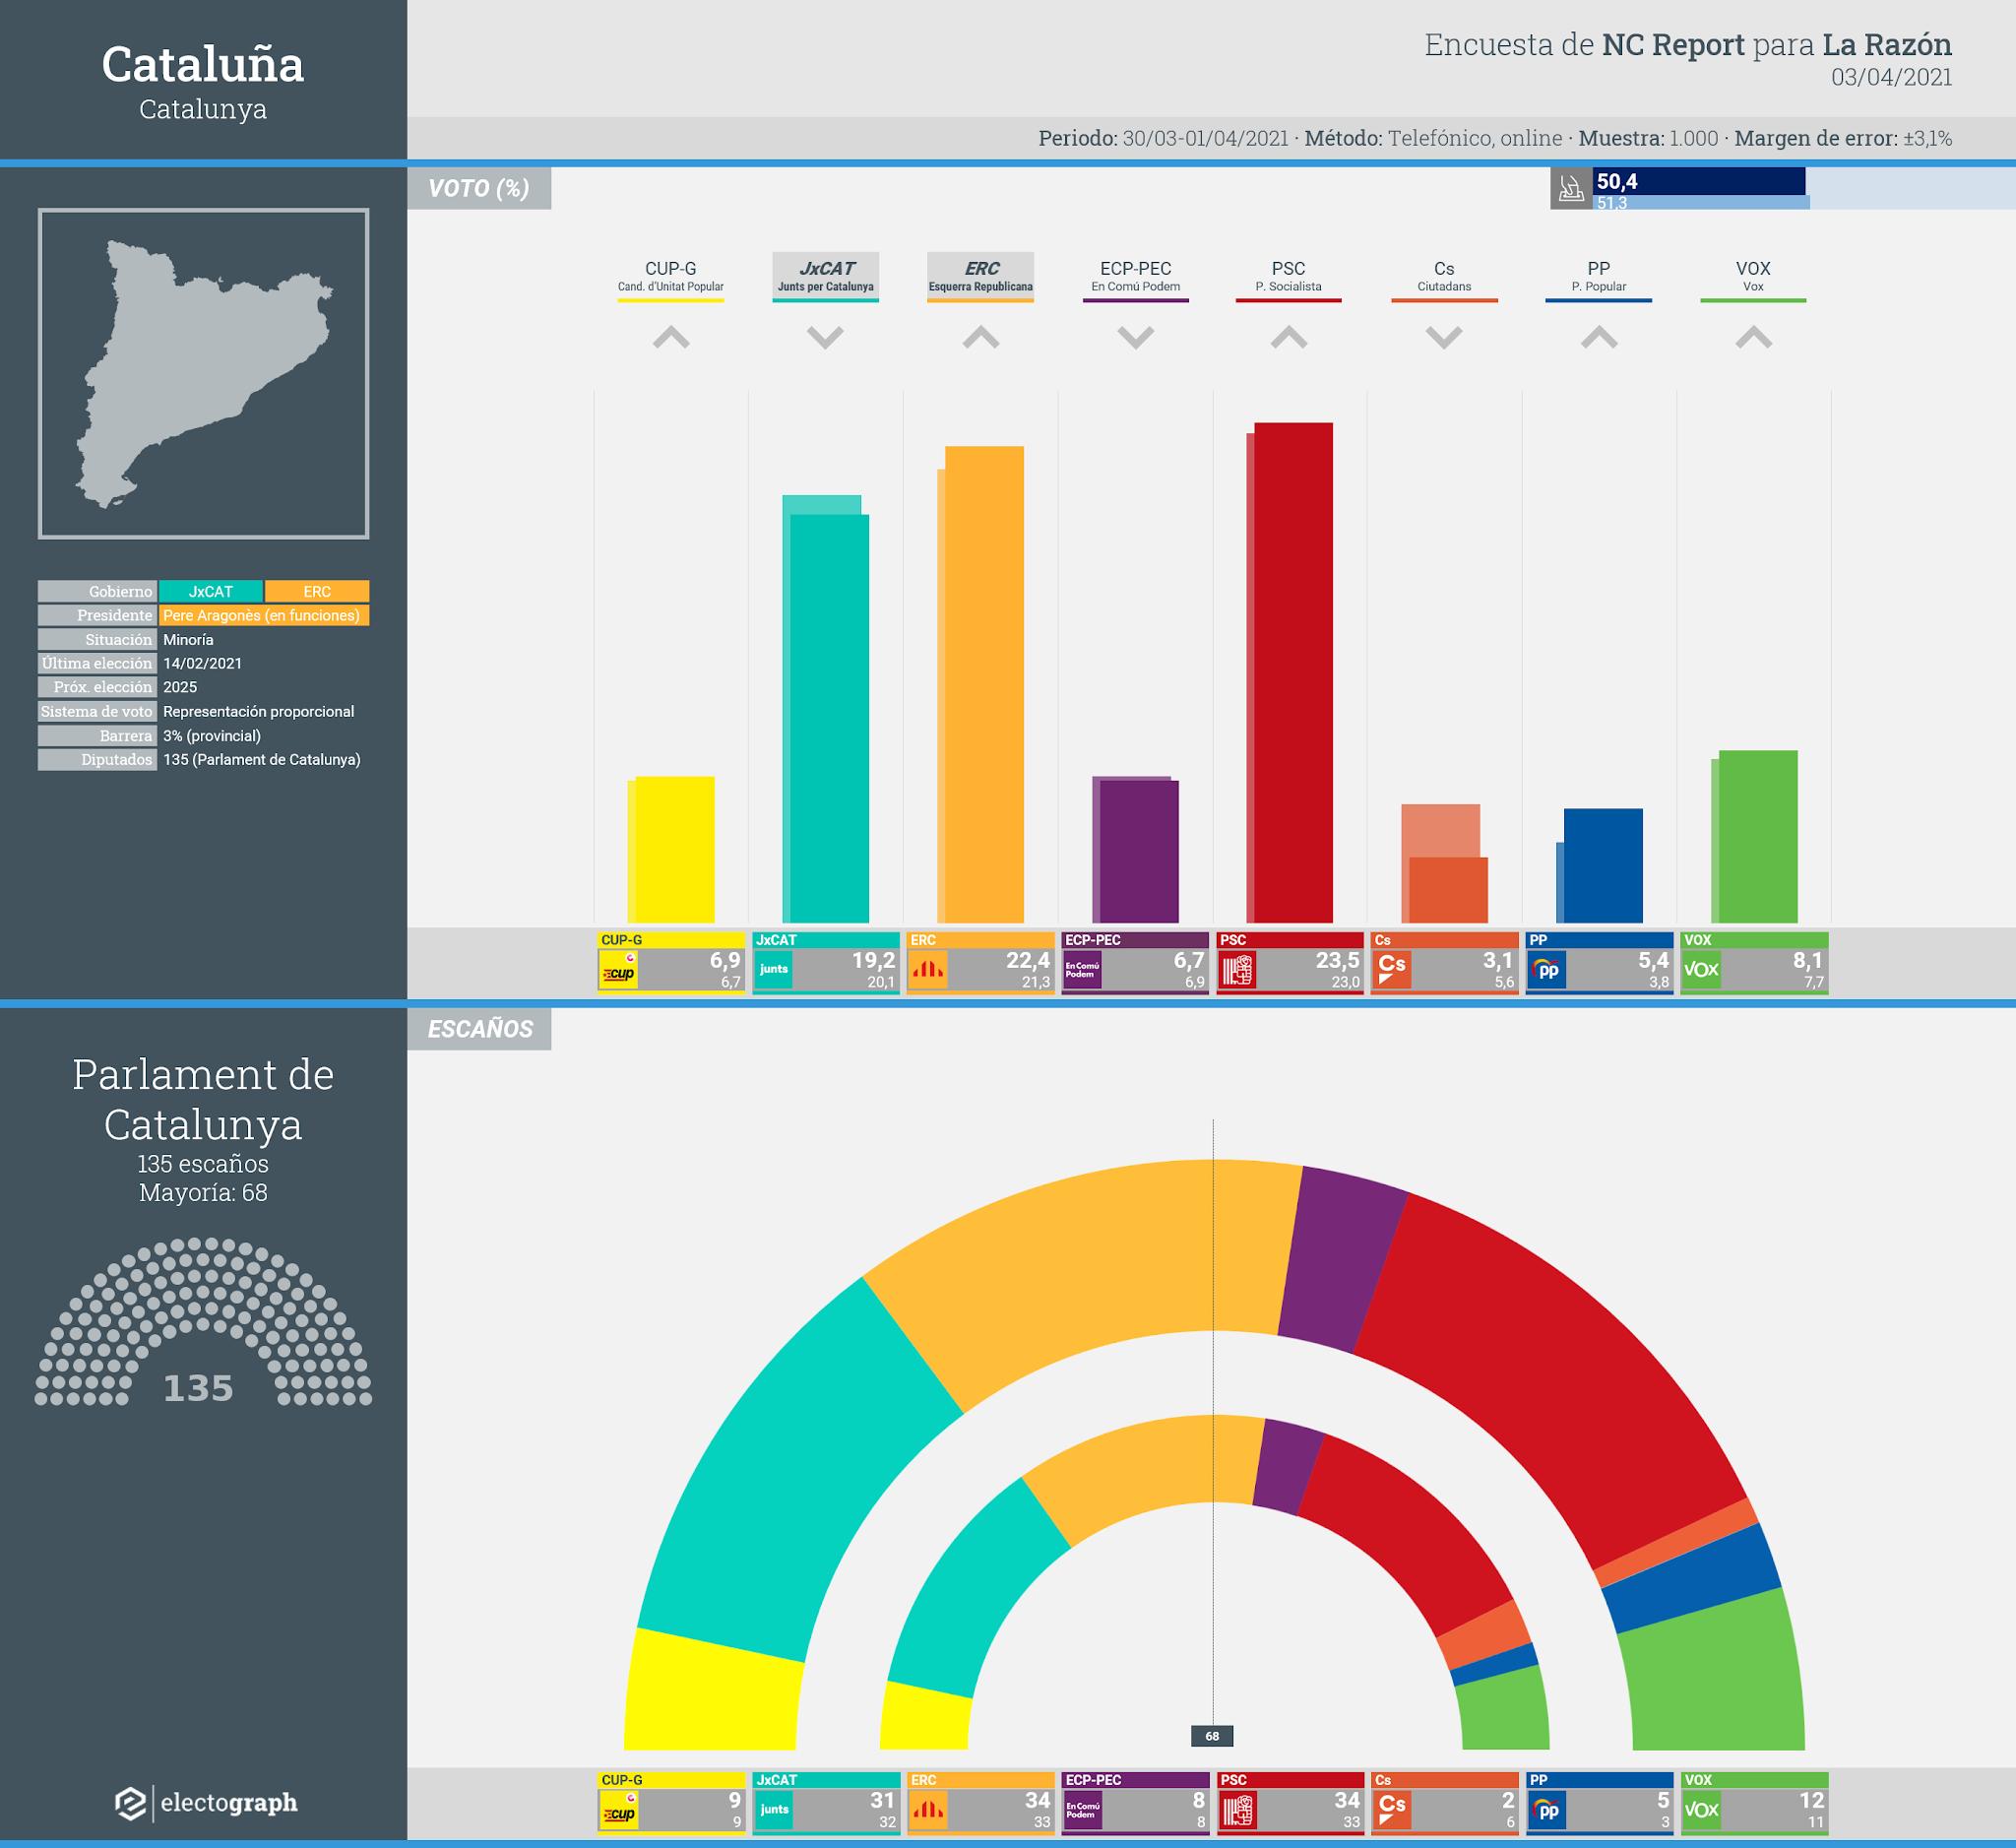 Gráfico de la encuesta para elecciones generales en Cataluña realizada por NC Report para La Razón, 3 de abril de 2021